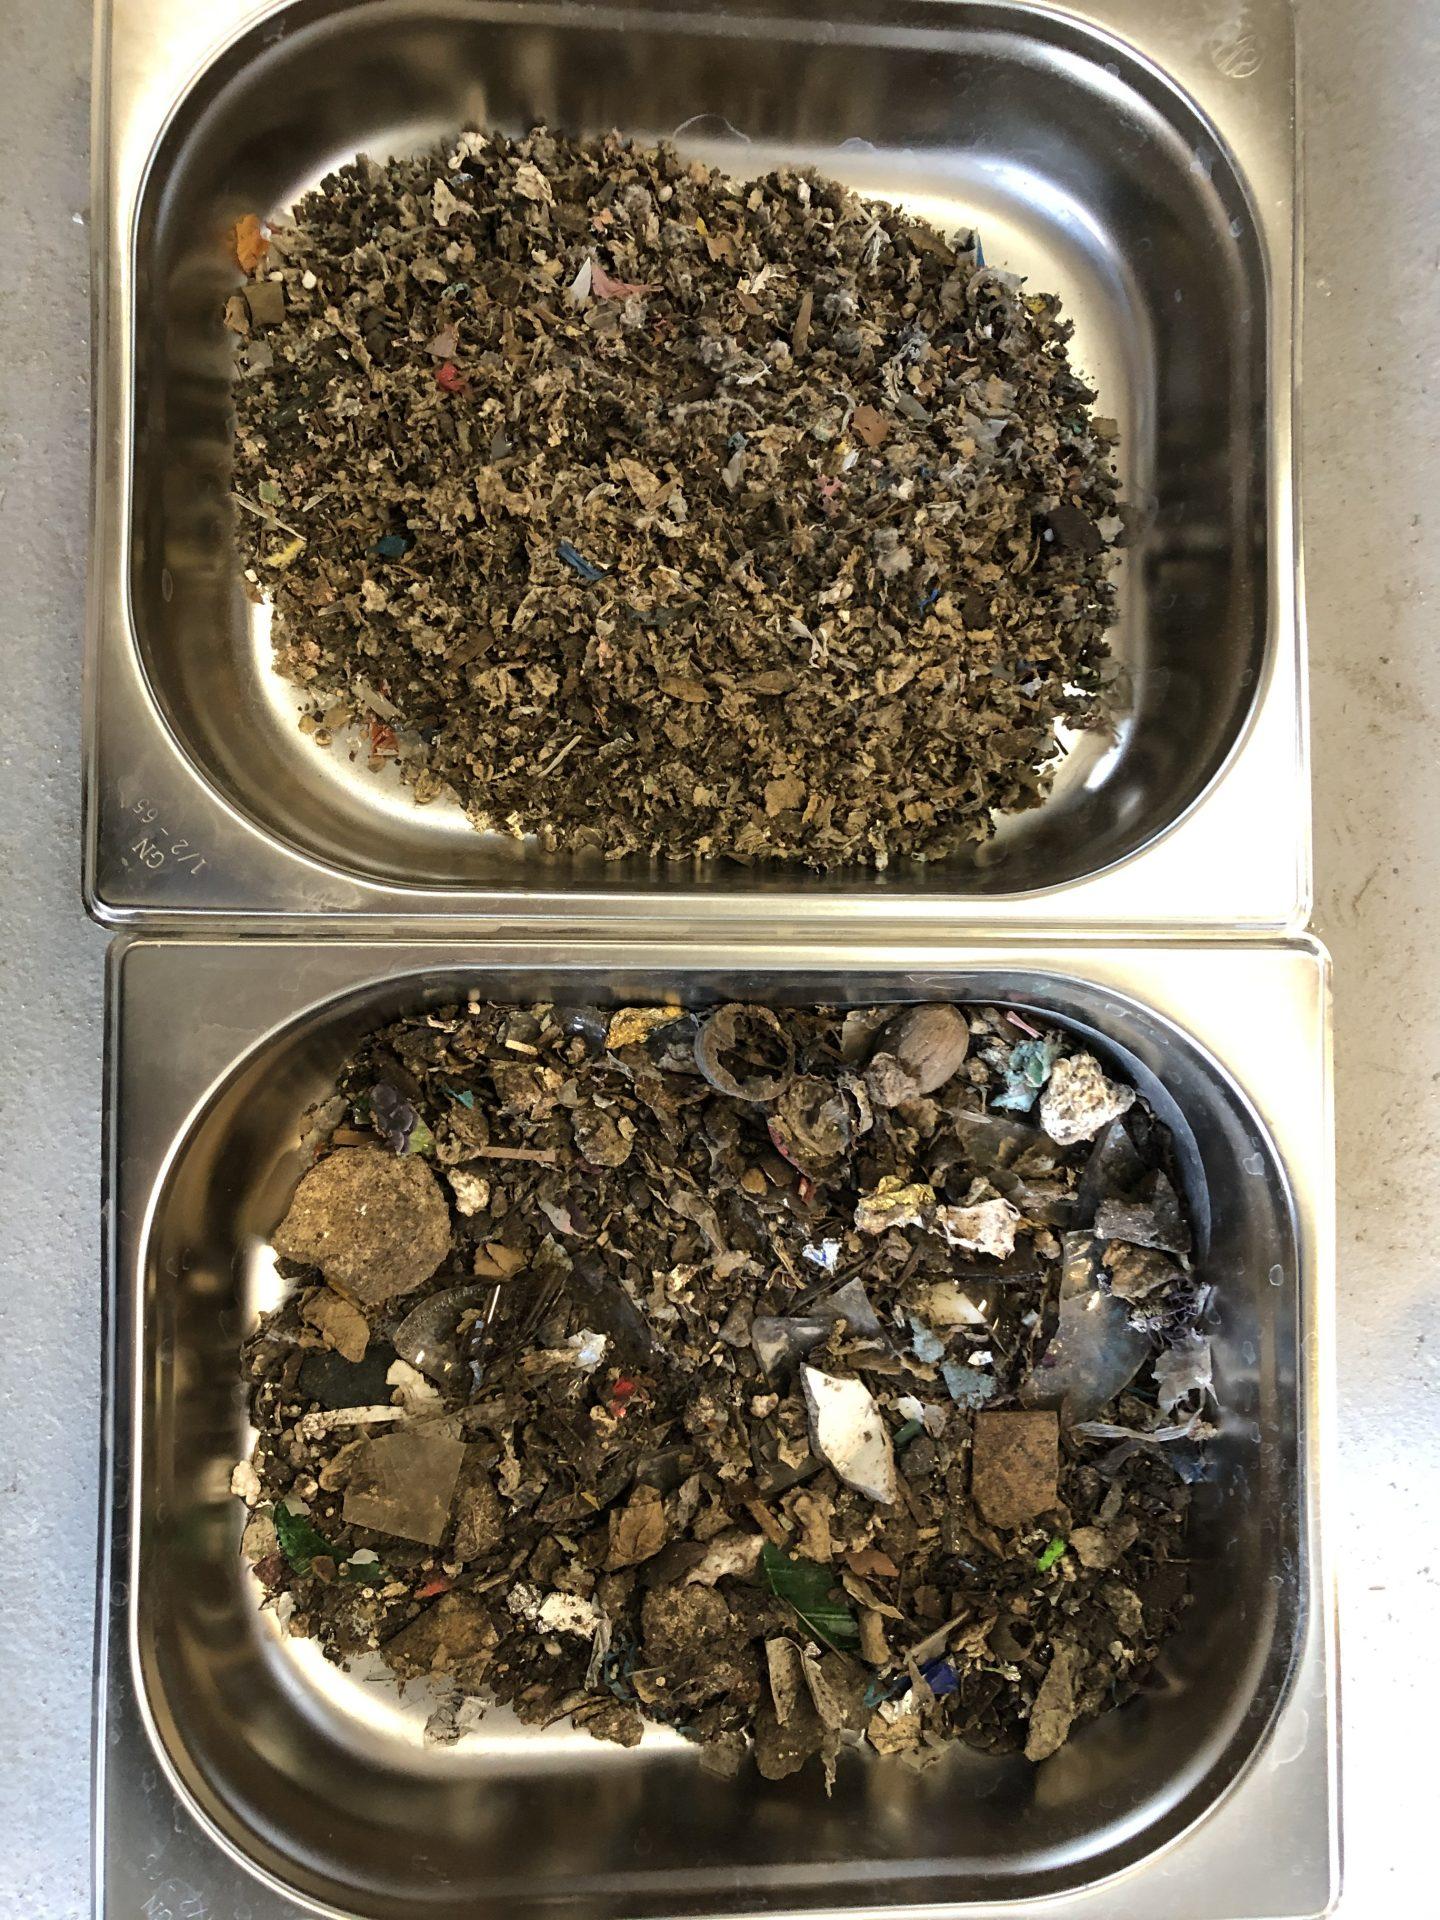 Próbka odpadów przed i po mieleniu